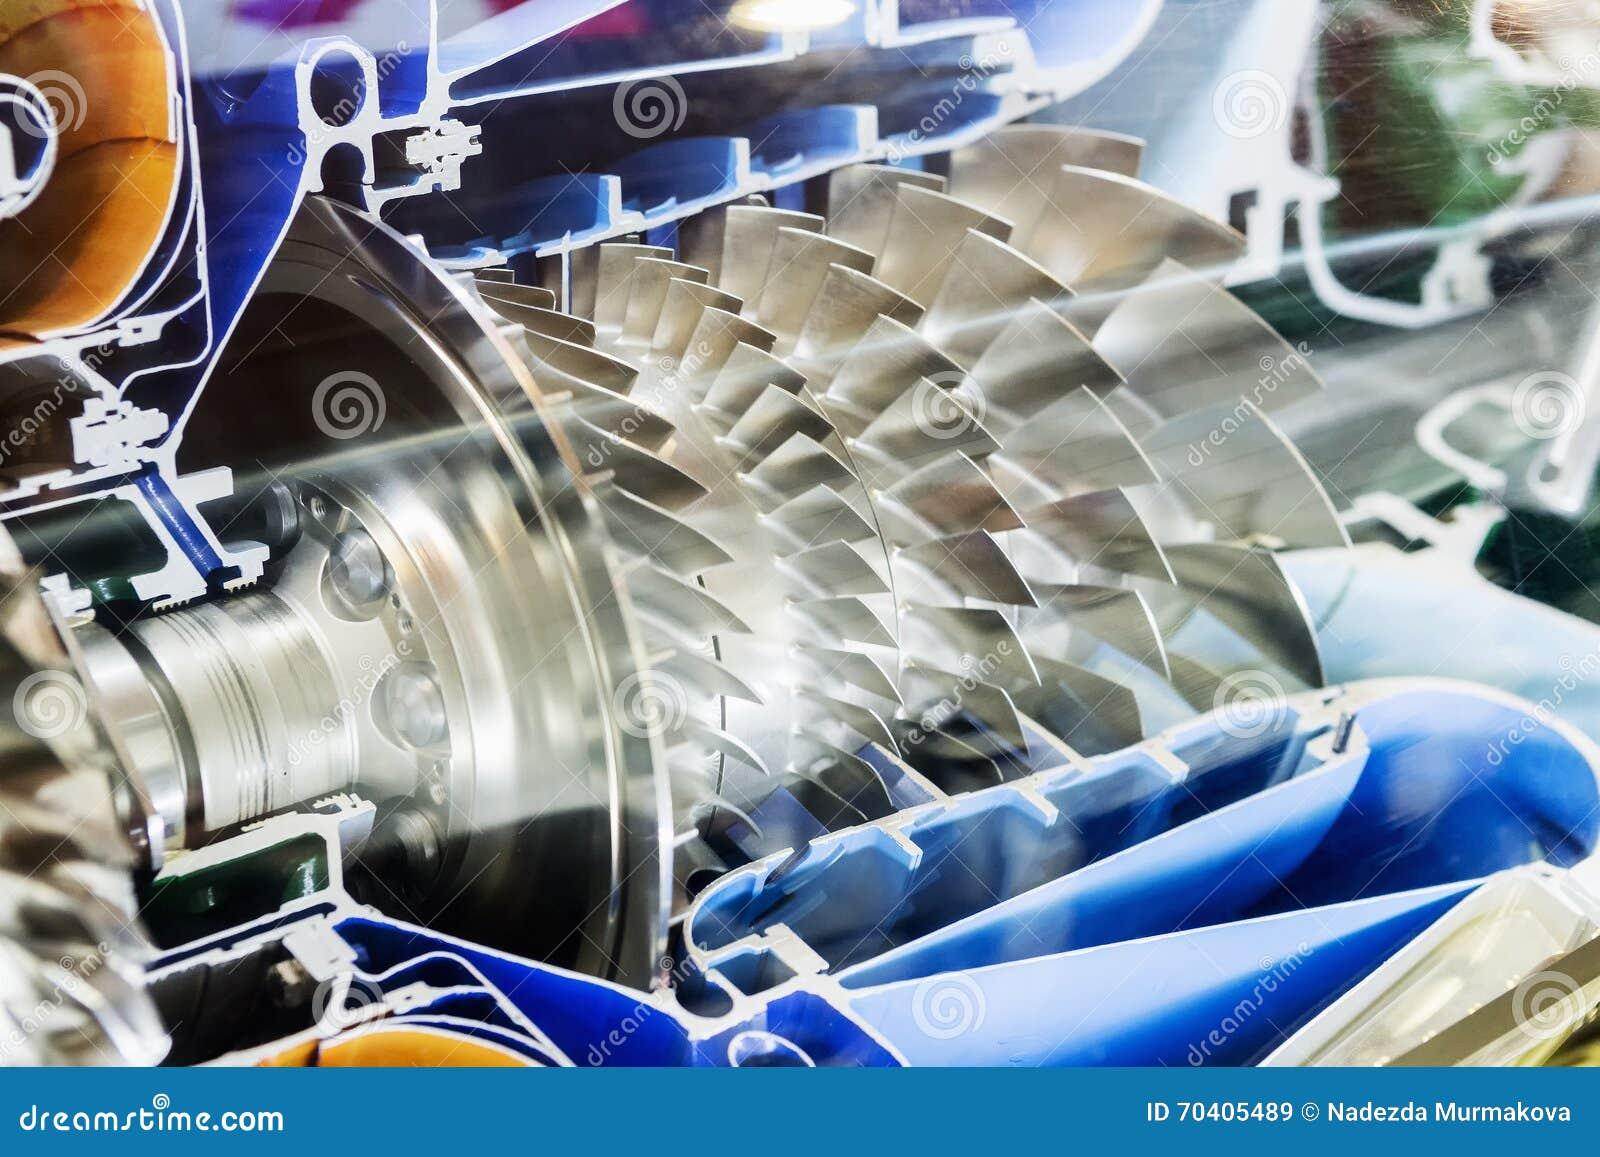 涡轮发动机外形 航空技术